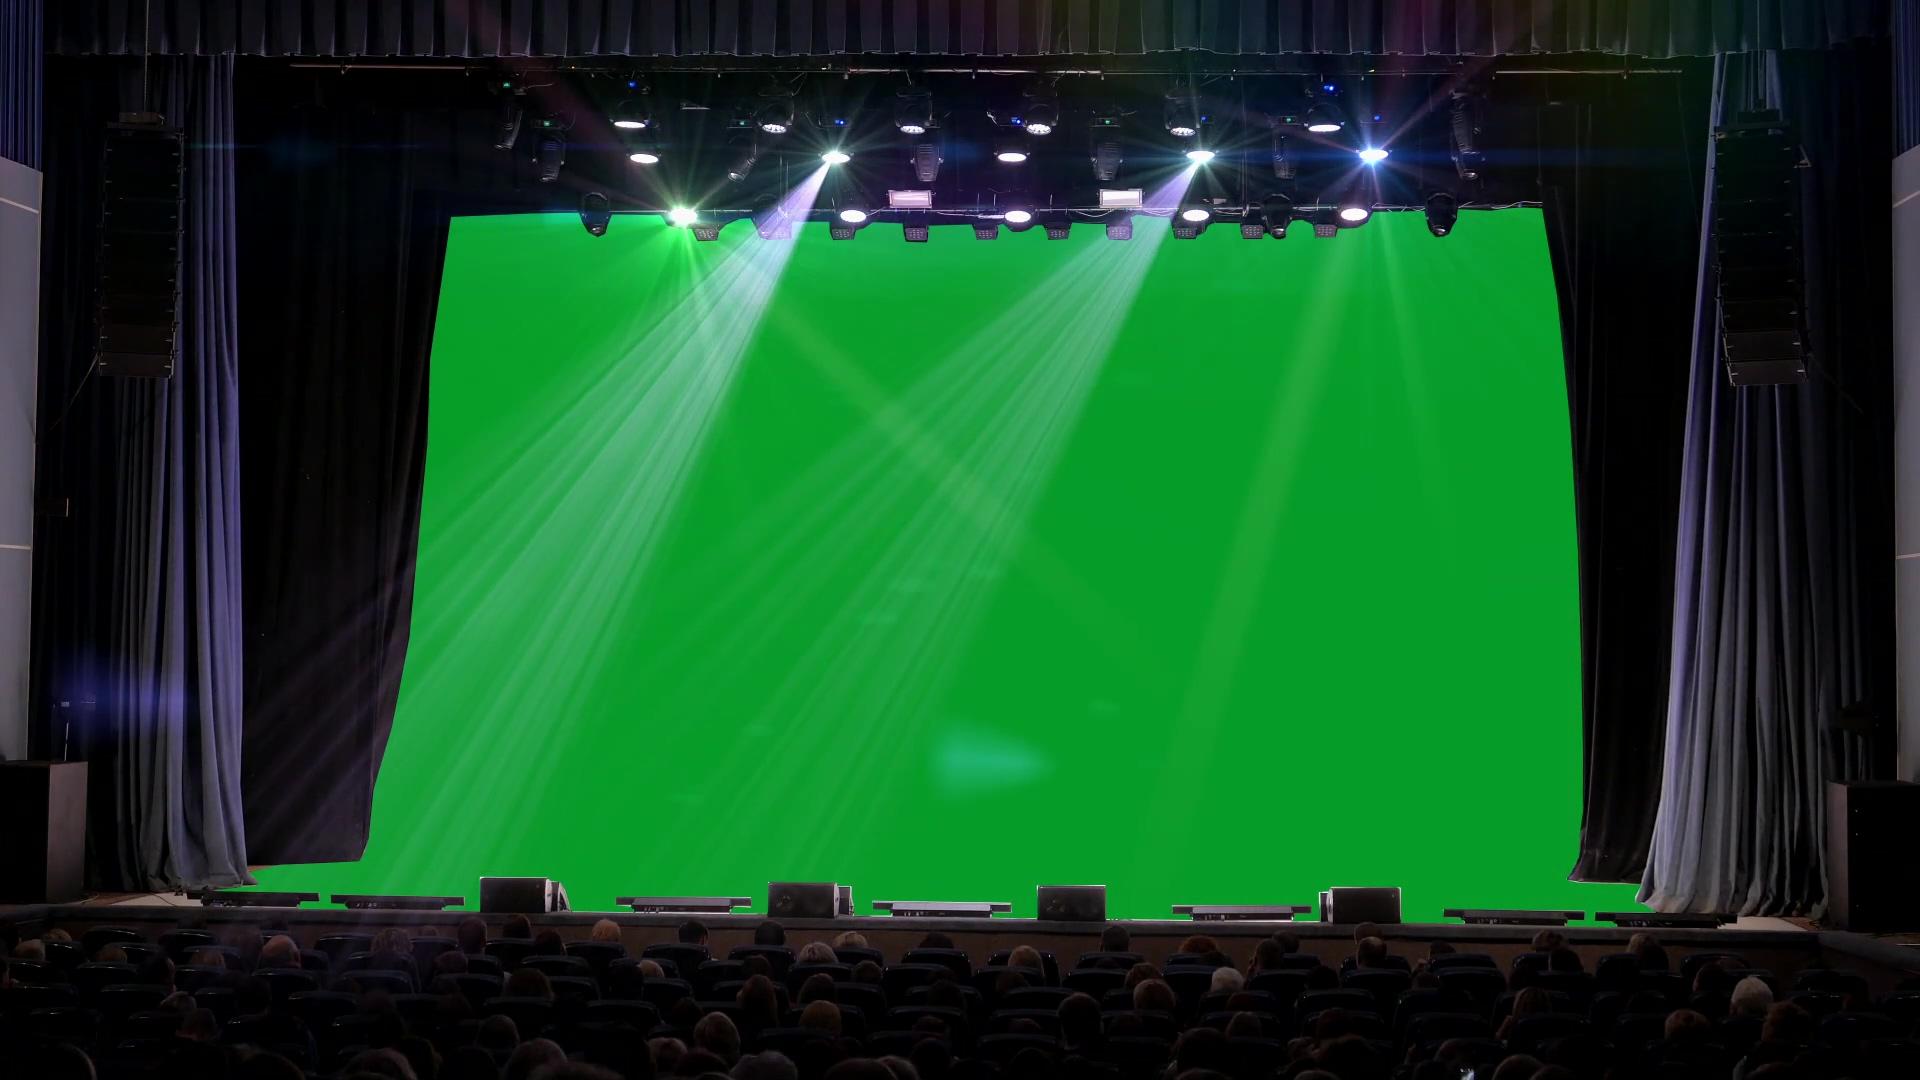 舞台上的巨幕抠图视频素材